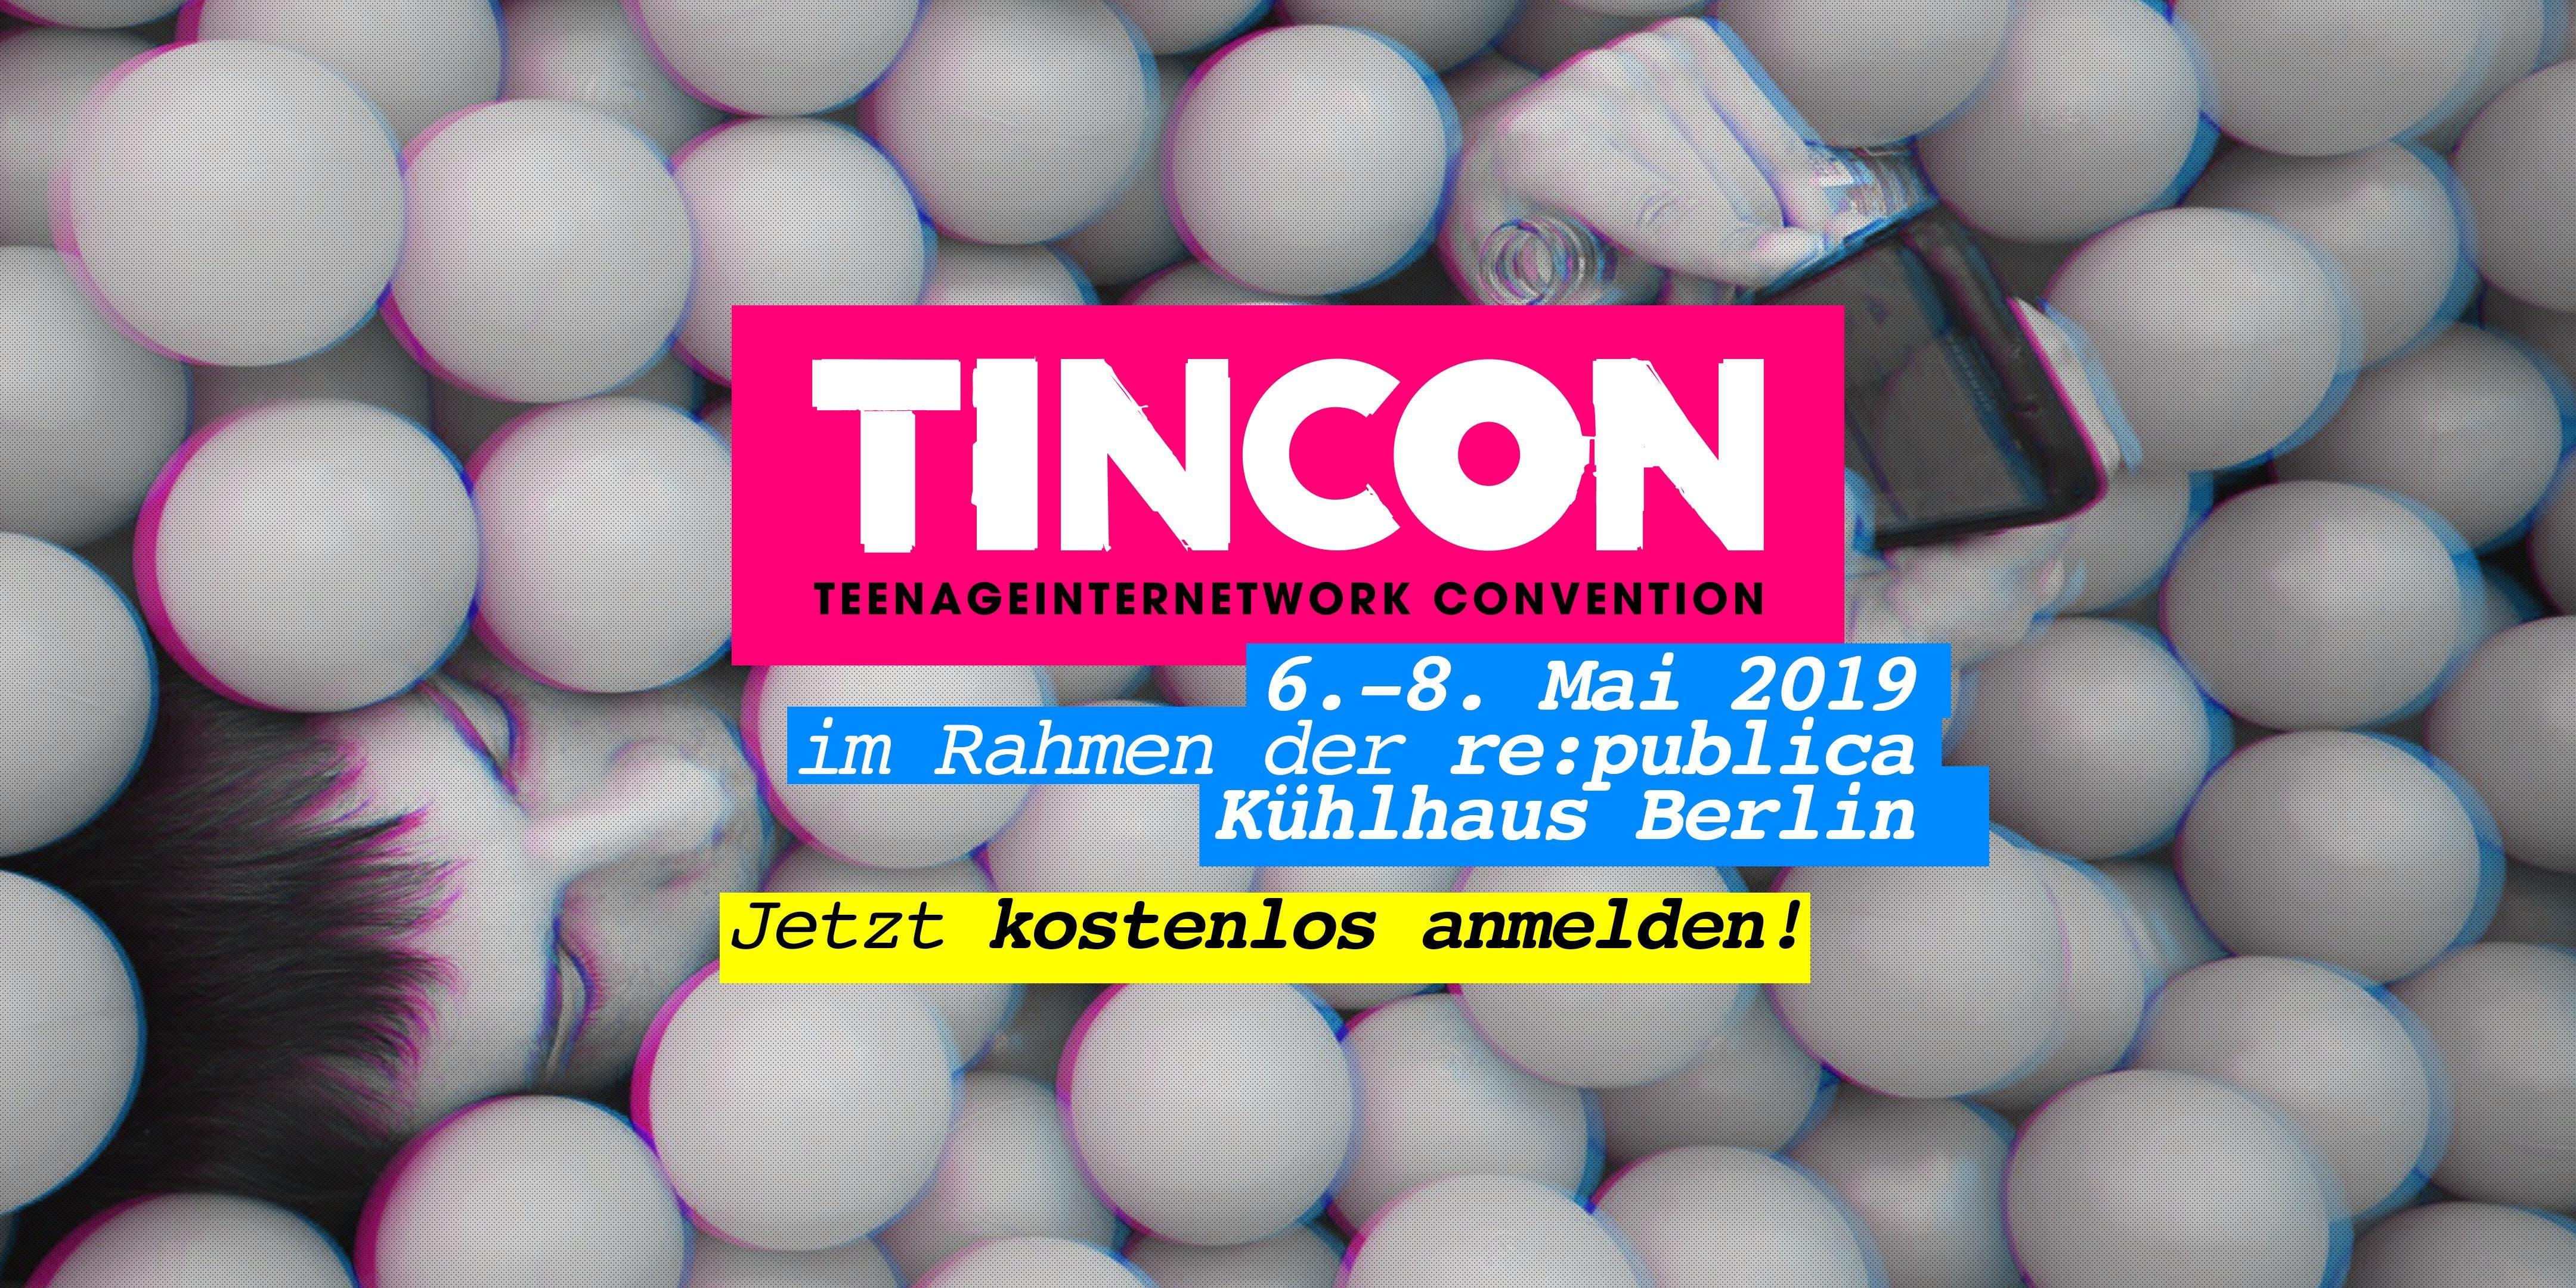 TINCON Berlin @ re:publica 2019